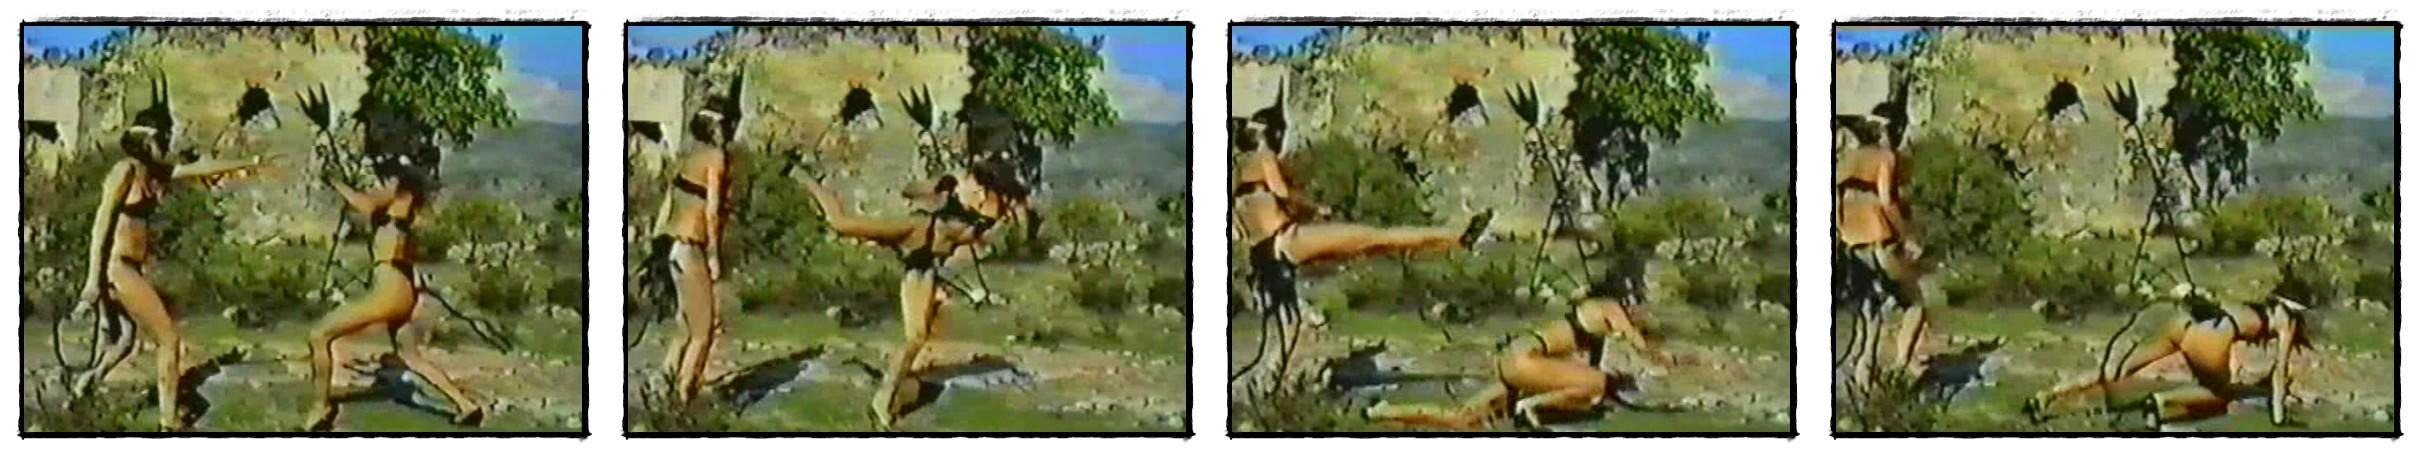 karate Şeytan Kızlar (198?) Trash Şeytan Kızlar Kötü Film Dünyayı Kurtaran Adam